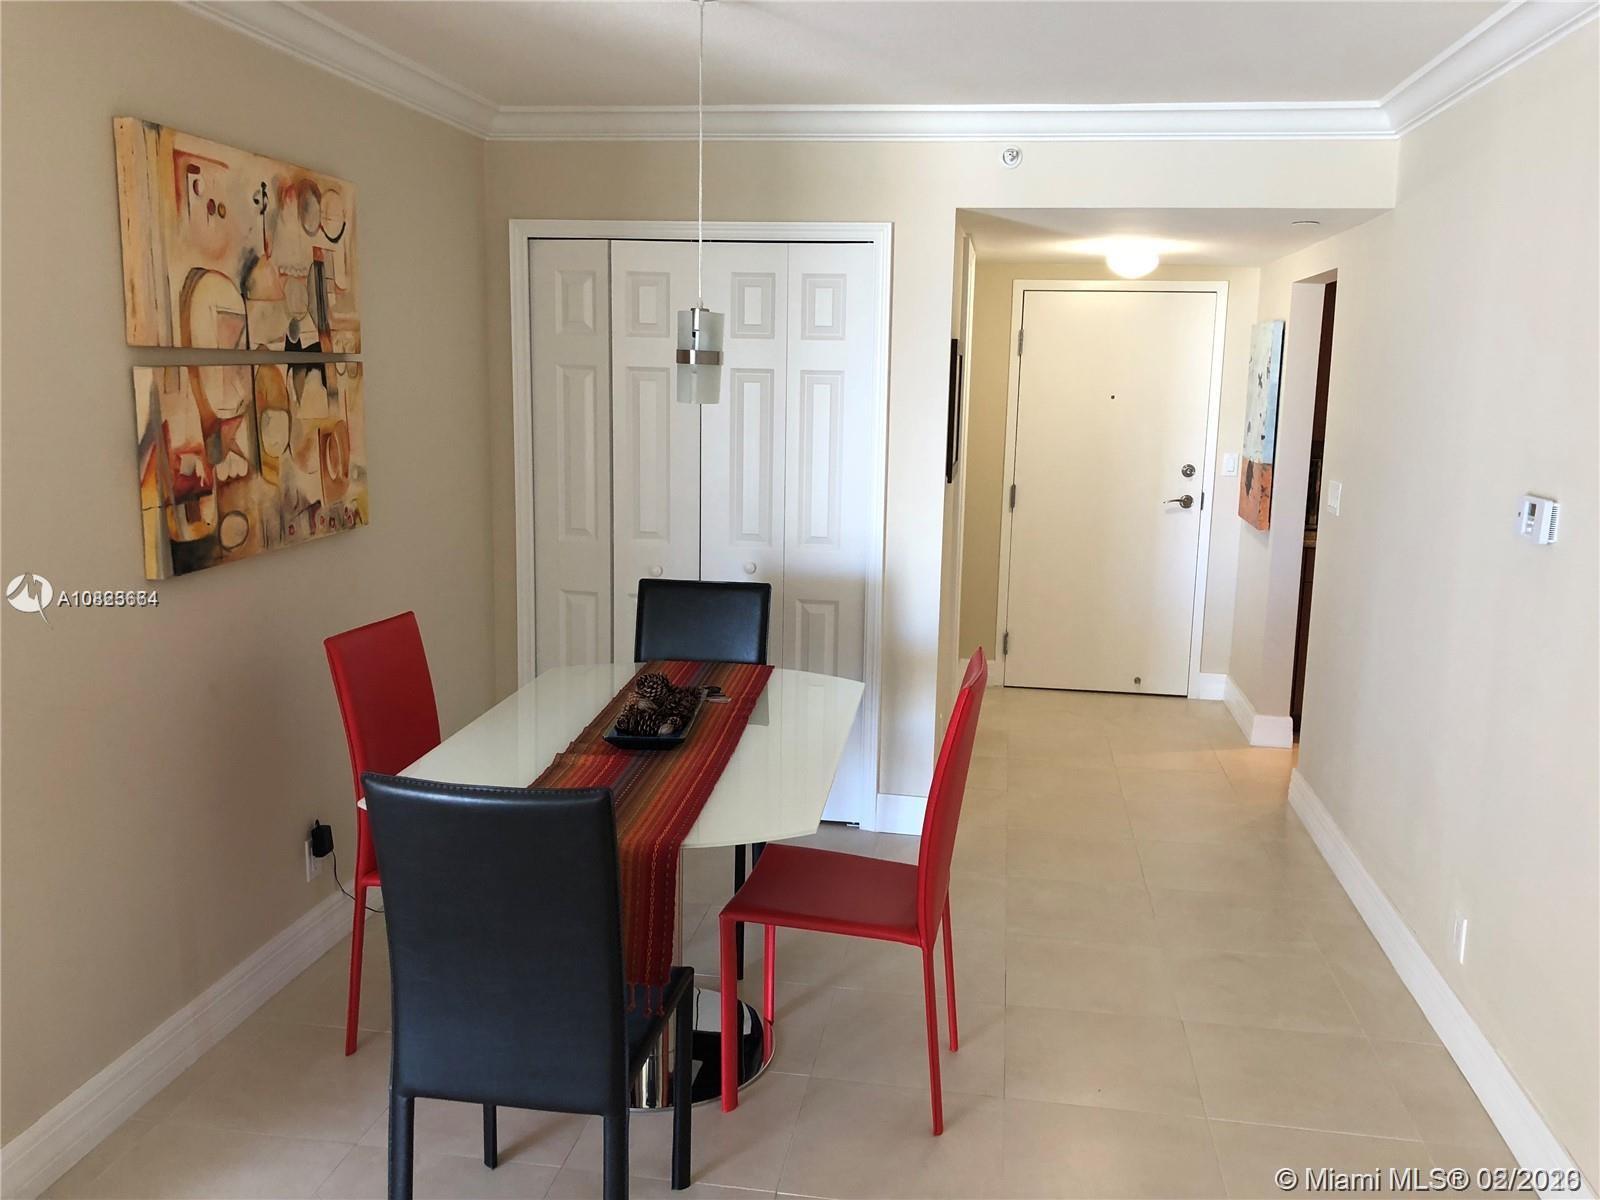 3000 N Ocean Dr # 24G, Riviera Beach, Florida 33404, 1 Bedroom Bedrooms, ,2 BathroomsBathrooms,Residential Lease,For Rent,3000 N Ocean Dr # 24G,A10823664